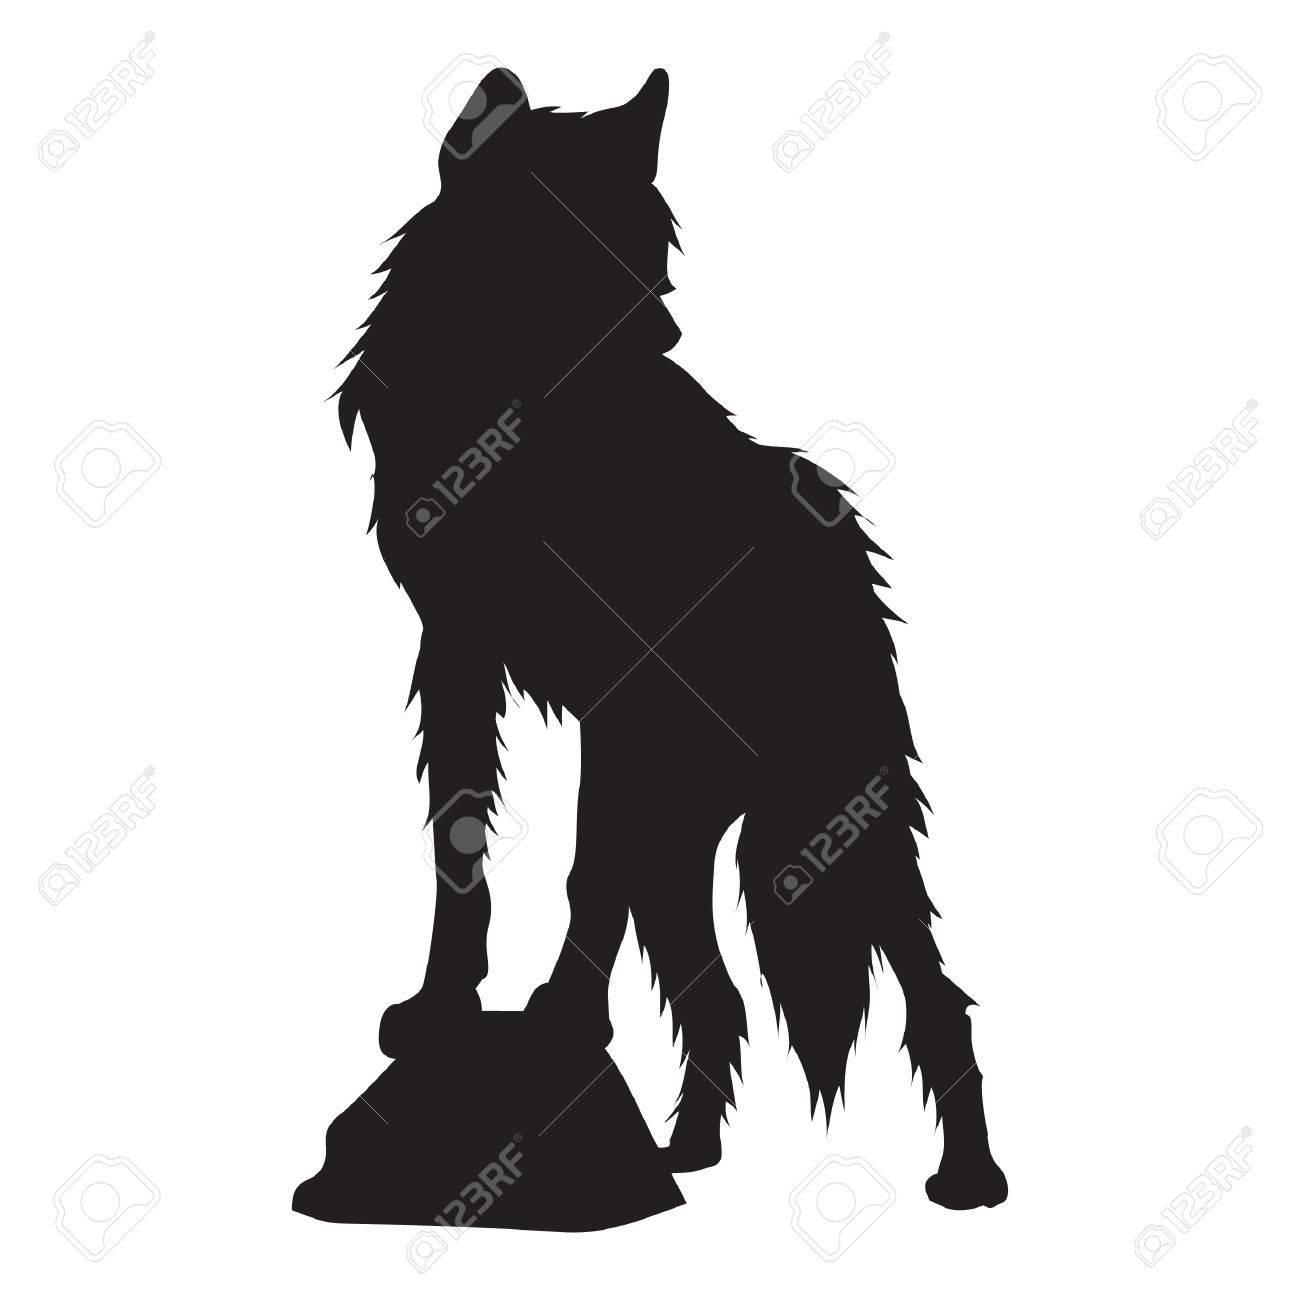 狼のシルエット のイラスト素材 ベクタ Image